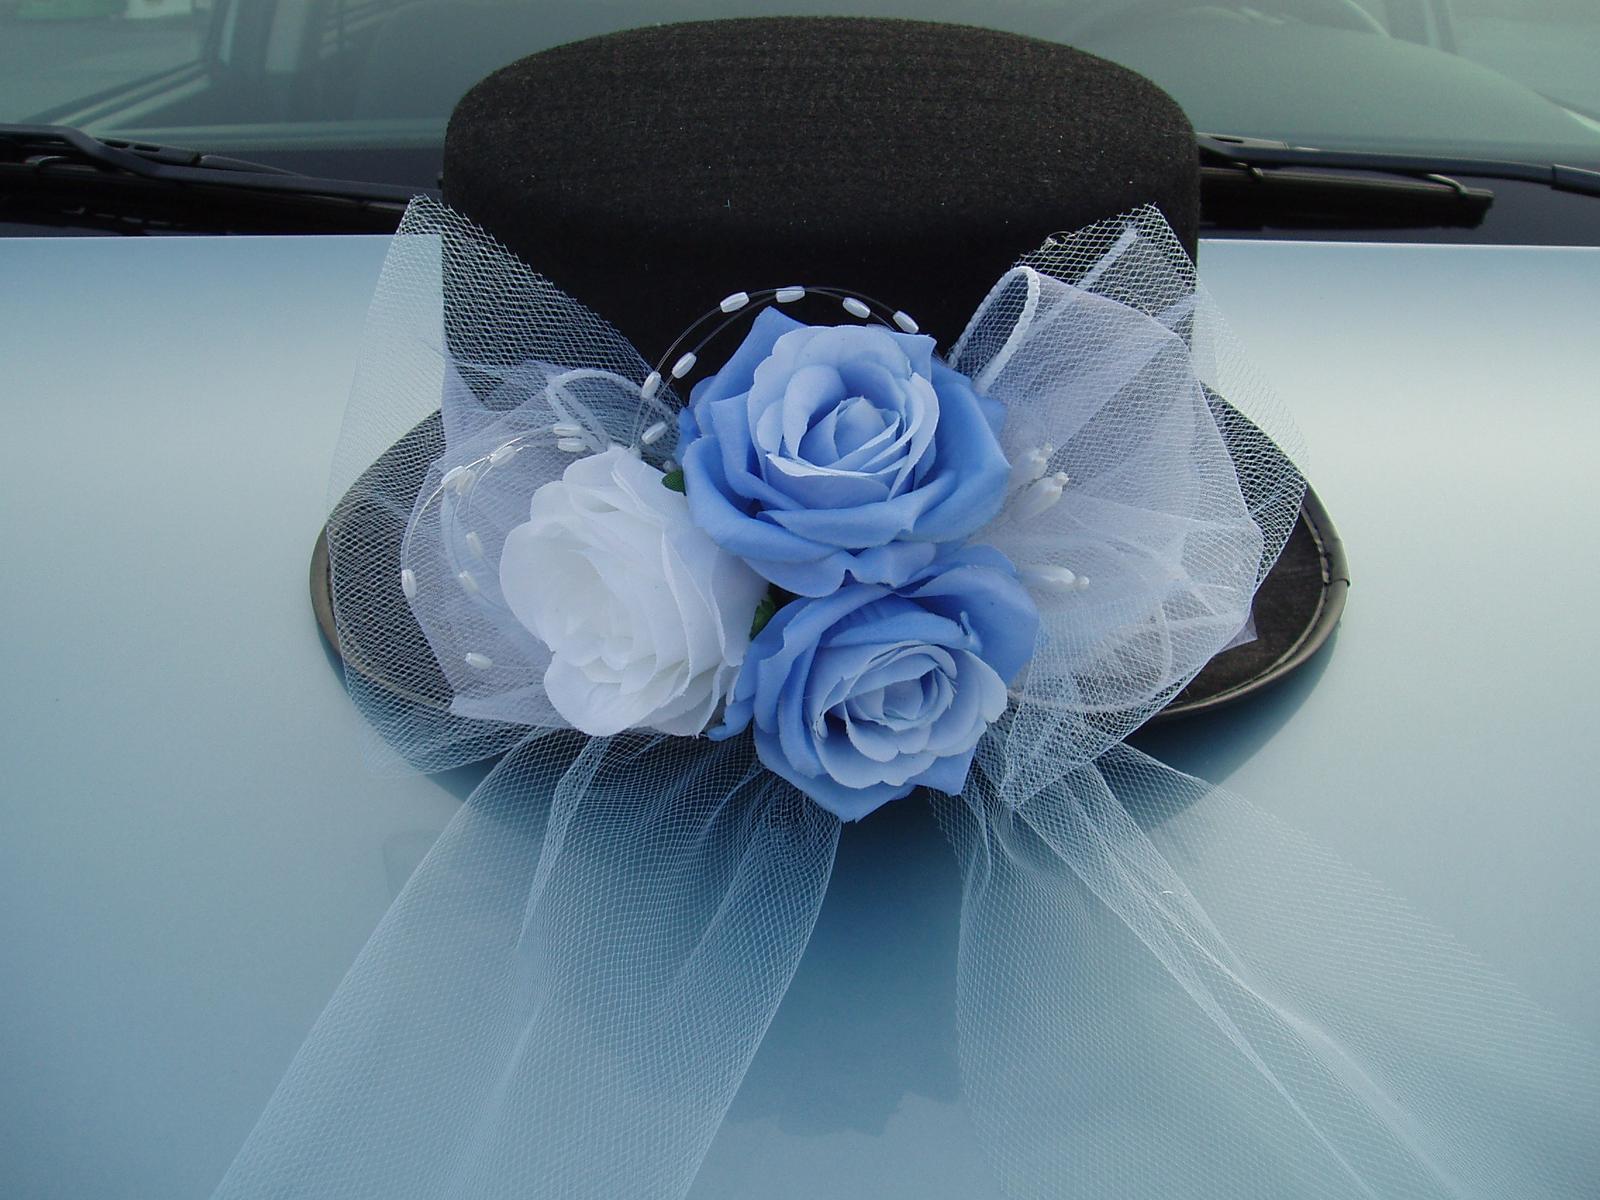 cylindr-modré růže - Obrázek č. 2